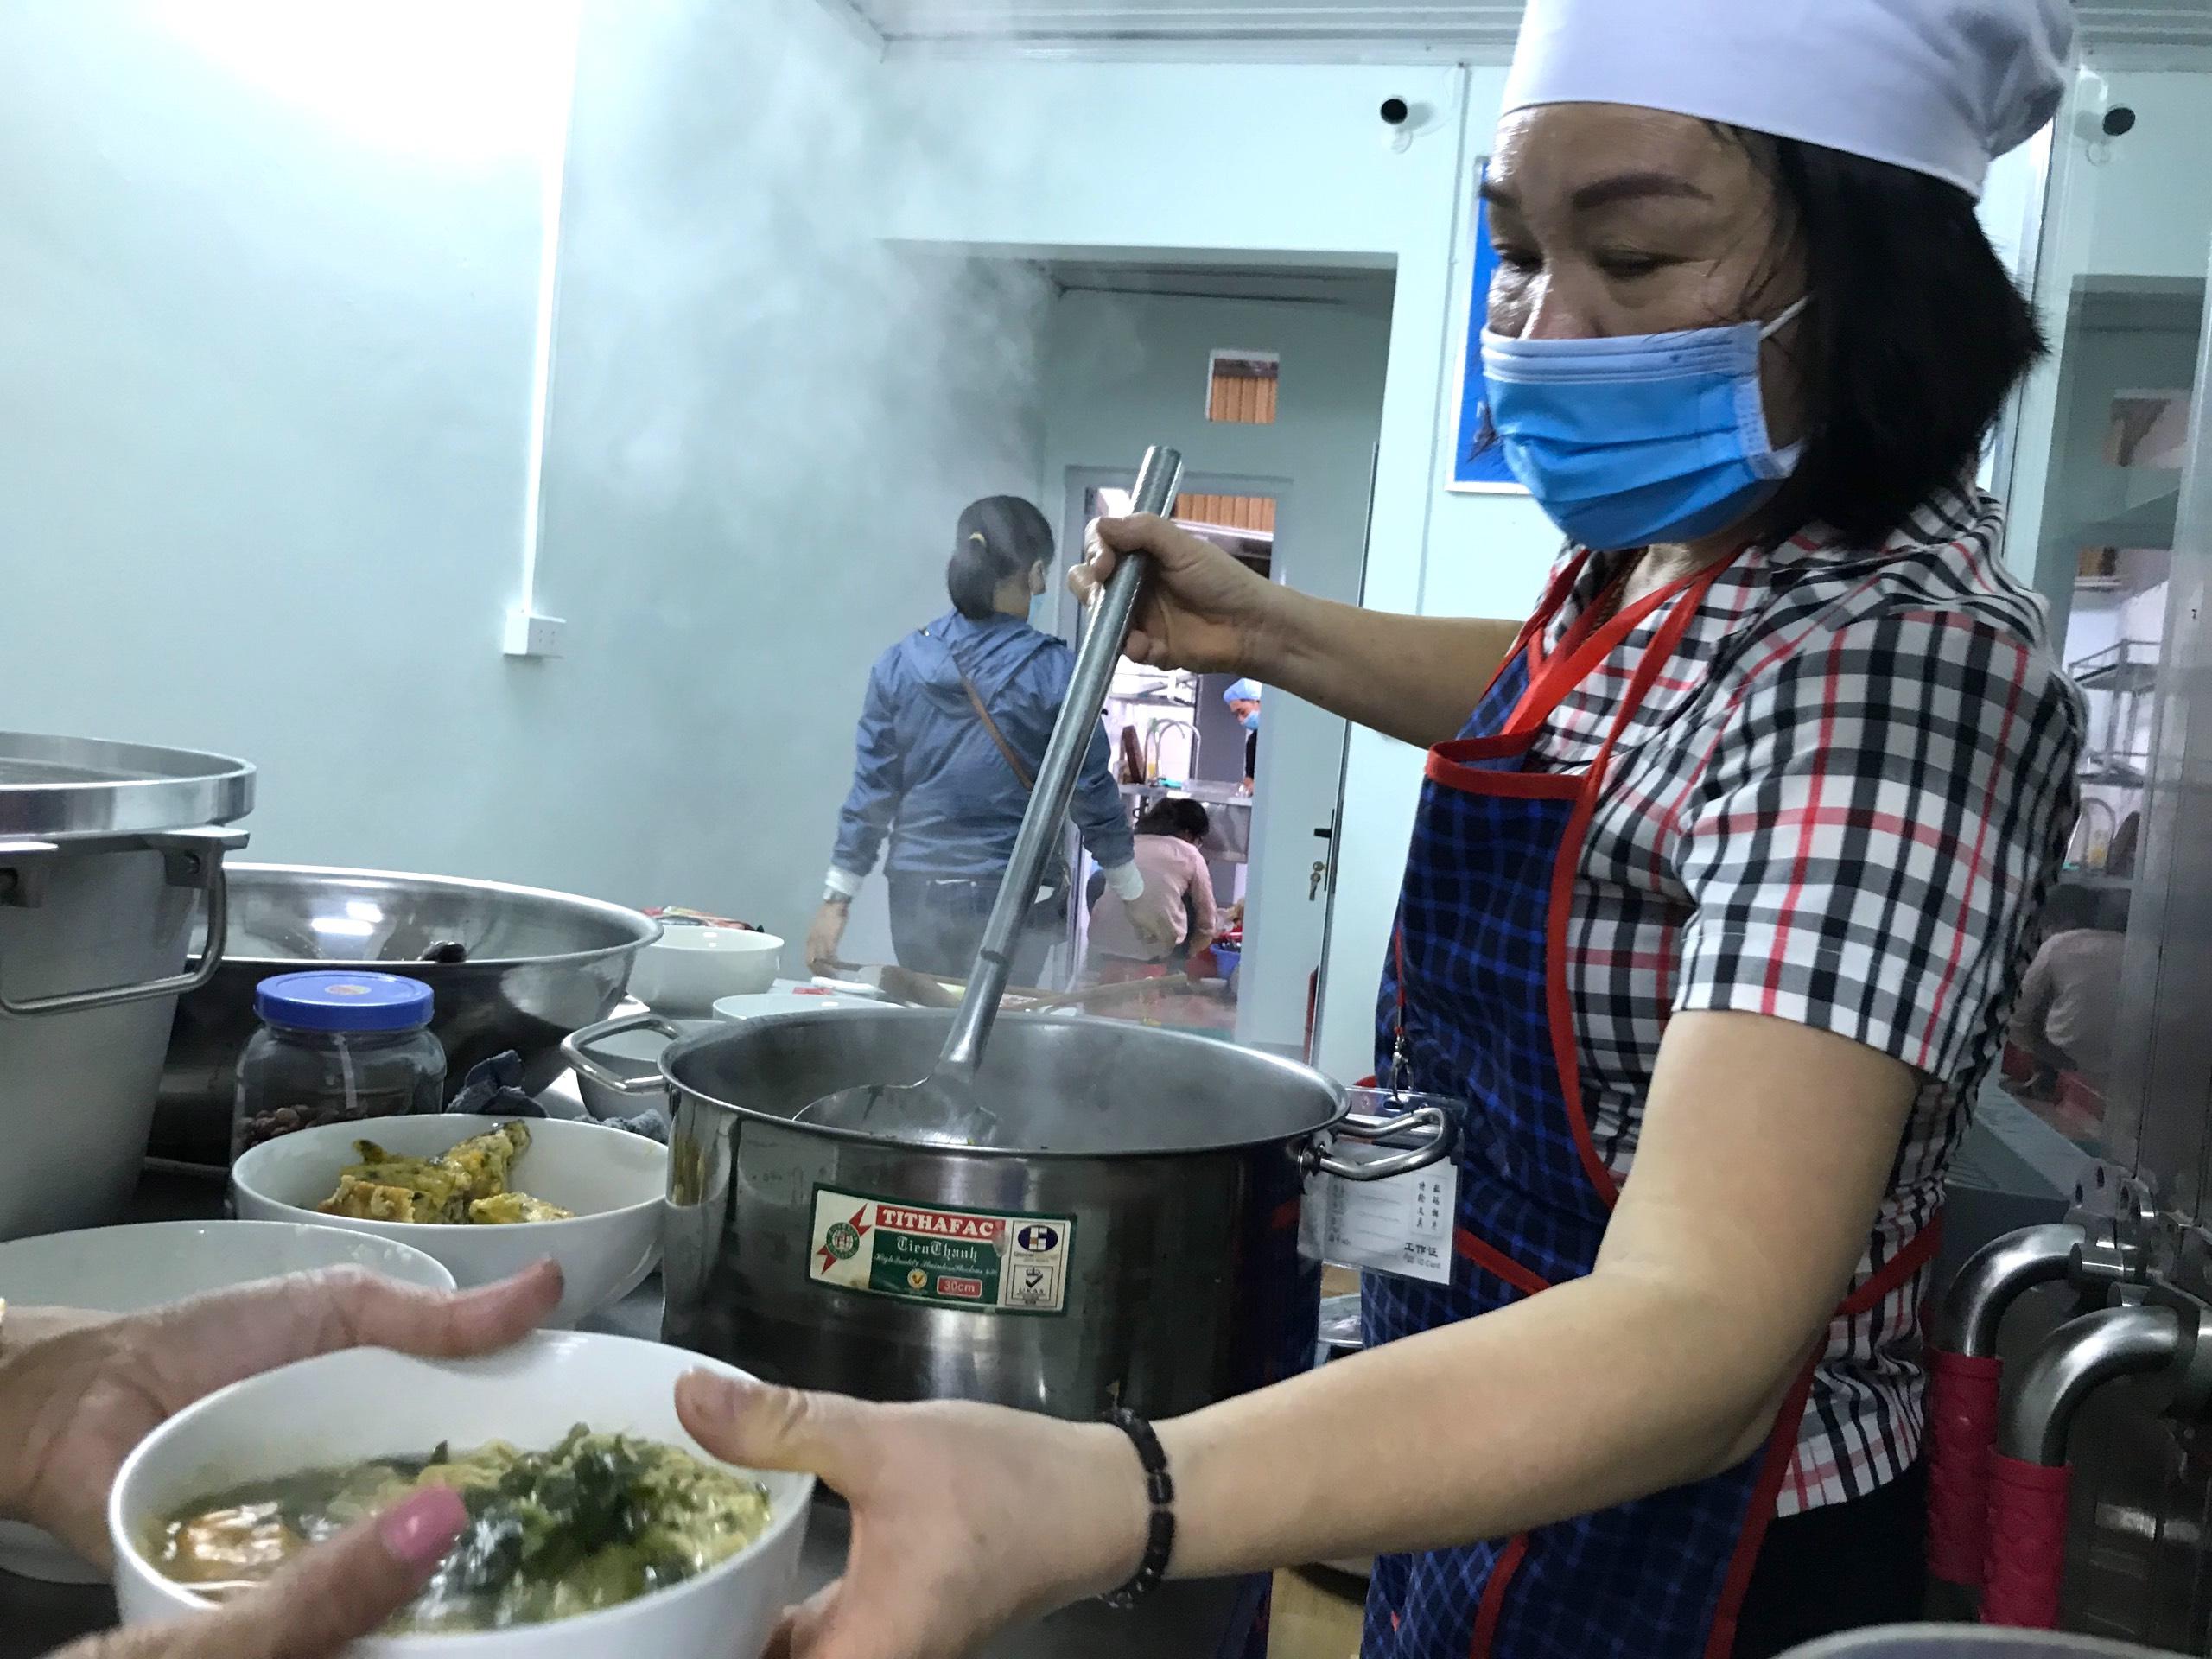 Quán cơm 2000 đồng đầu tiên ở Nghệ An: Ai không có tiền vẫn mời họ vào ăn - Ảnh 10.